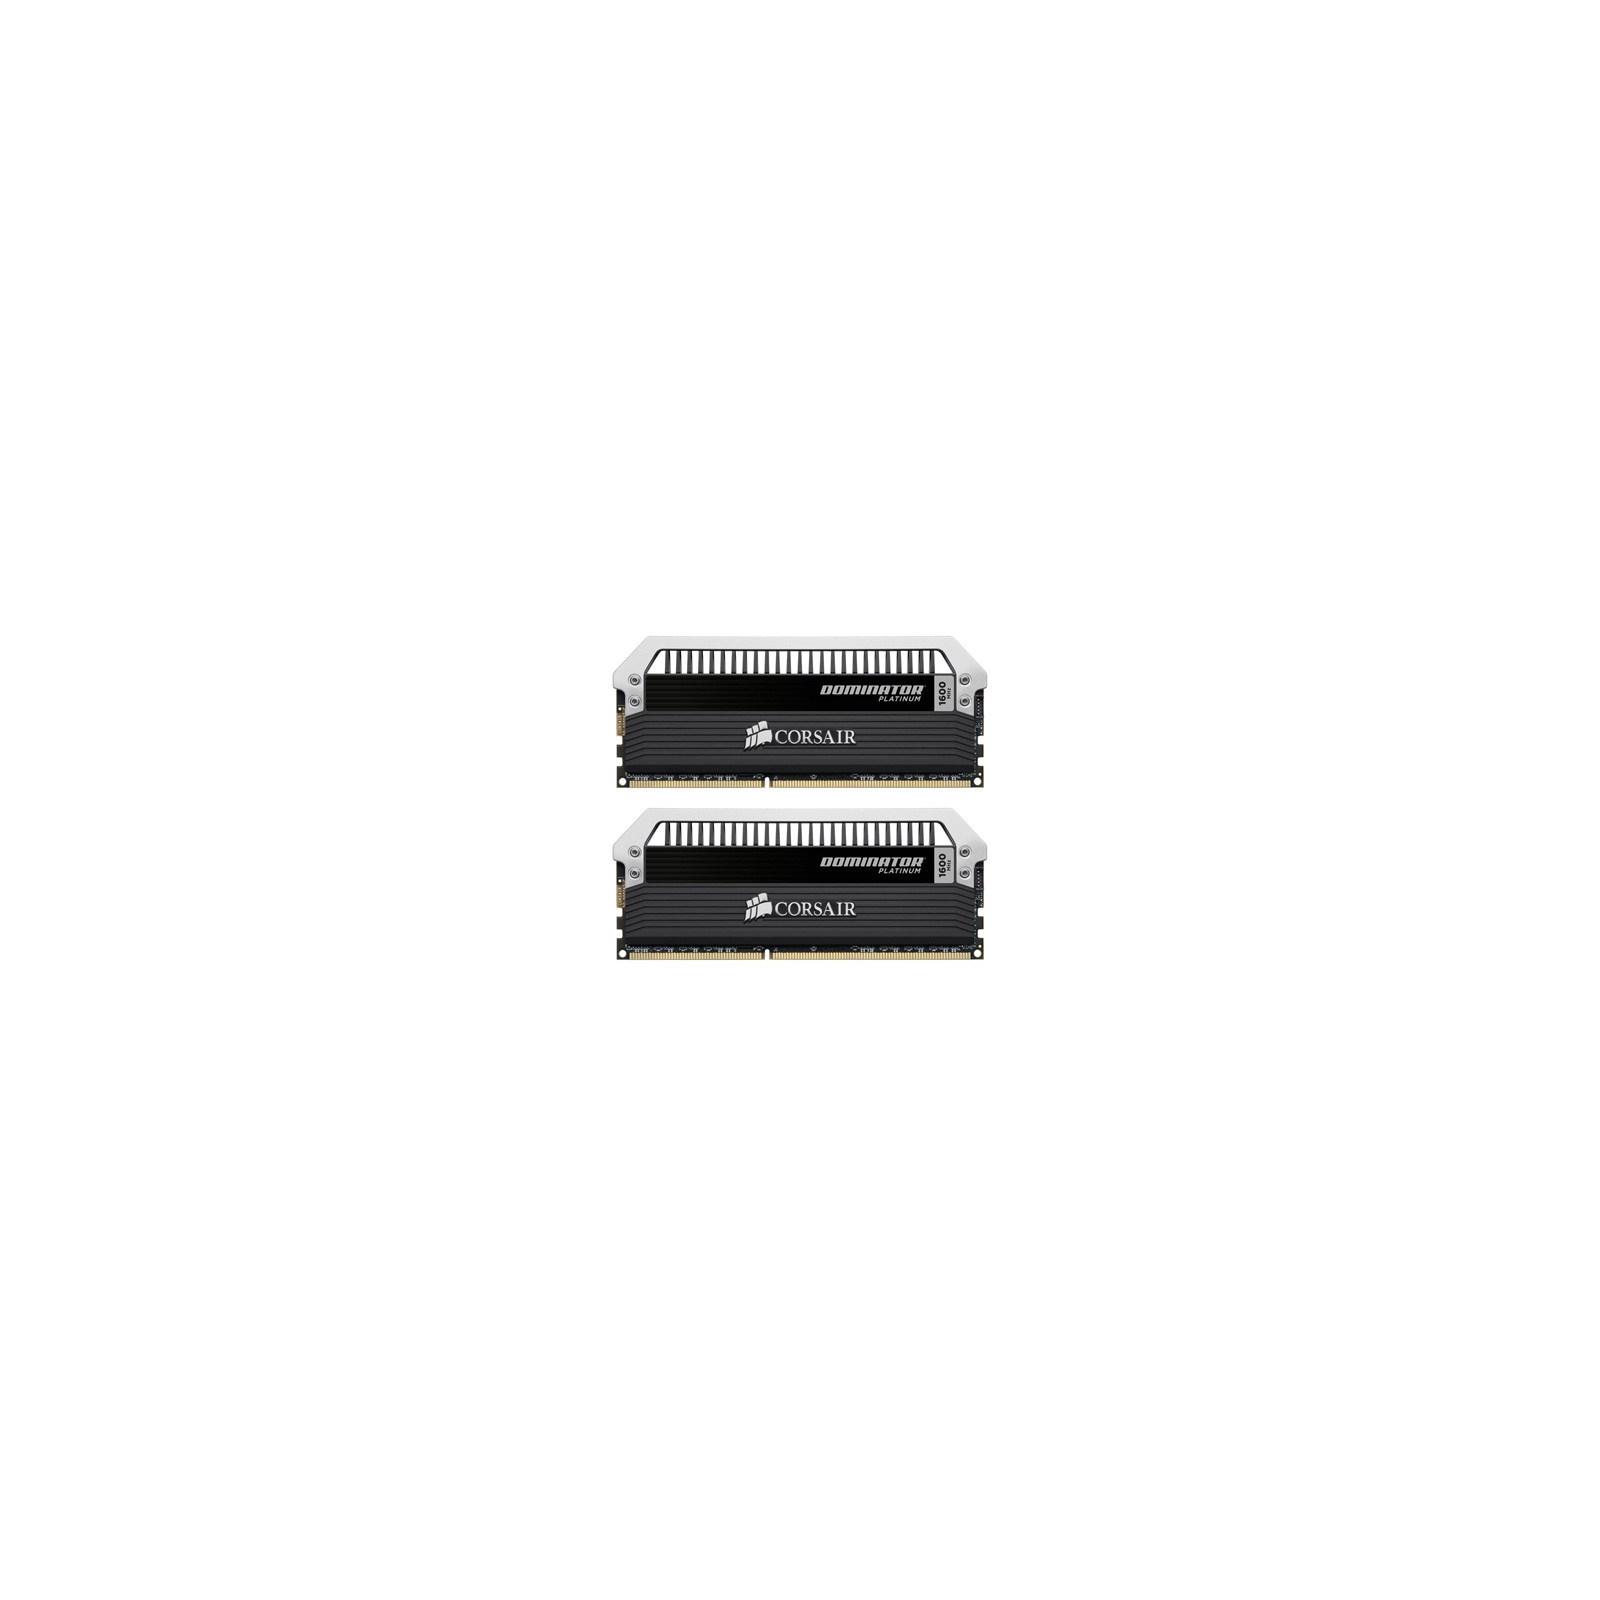 Модуль памяти для компьютера DDR3 16GB (2x8GB) 1866 MHz CORSAIR (CMD16GX3M2A1866C9)